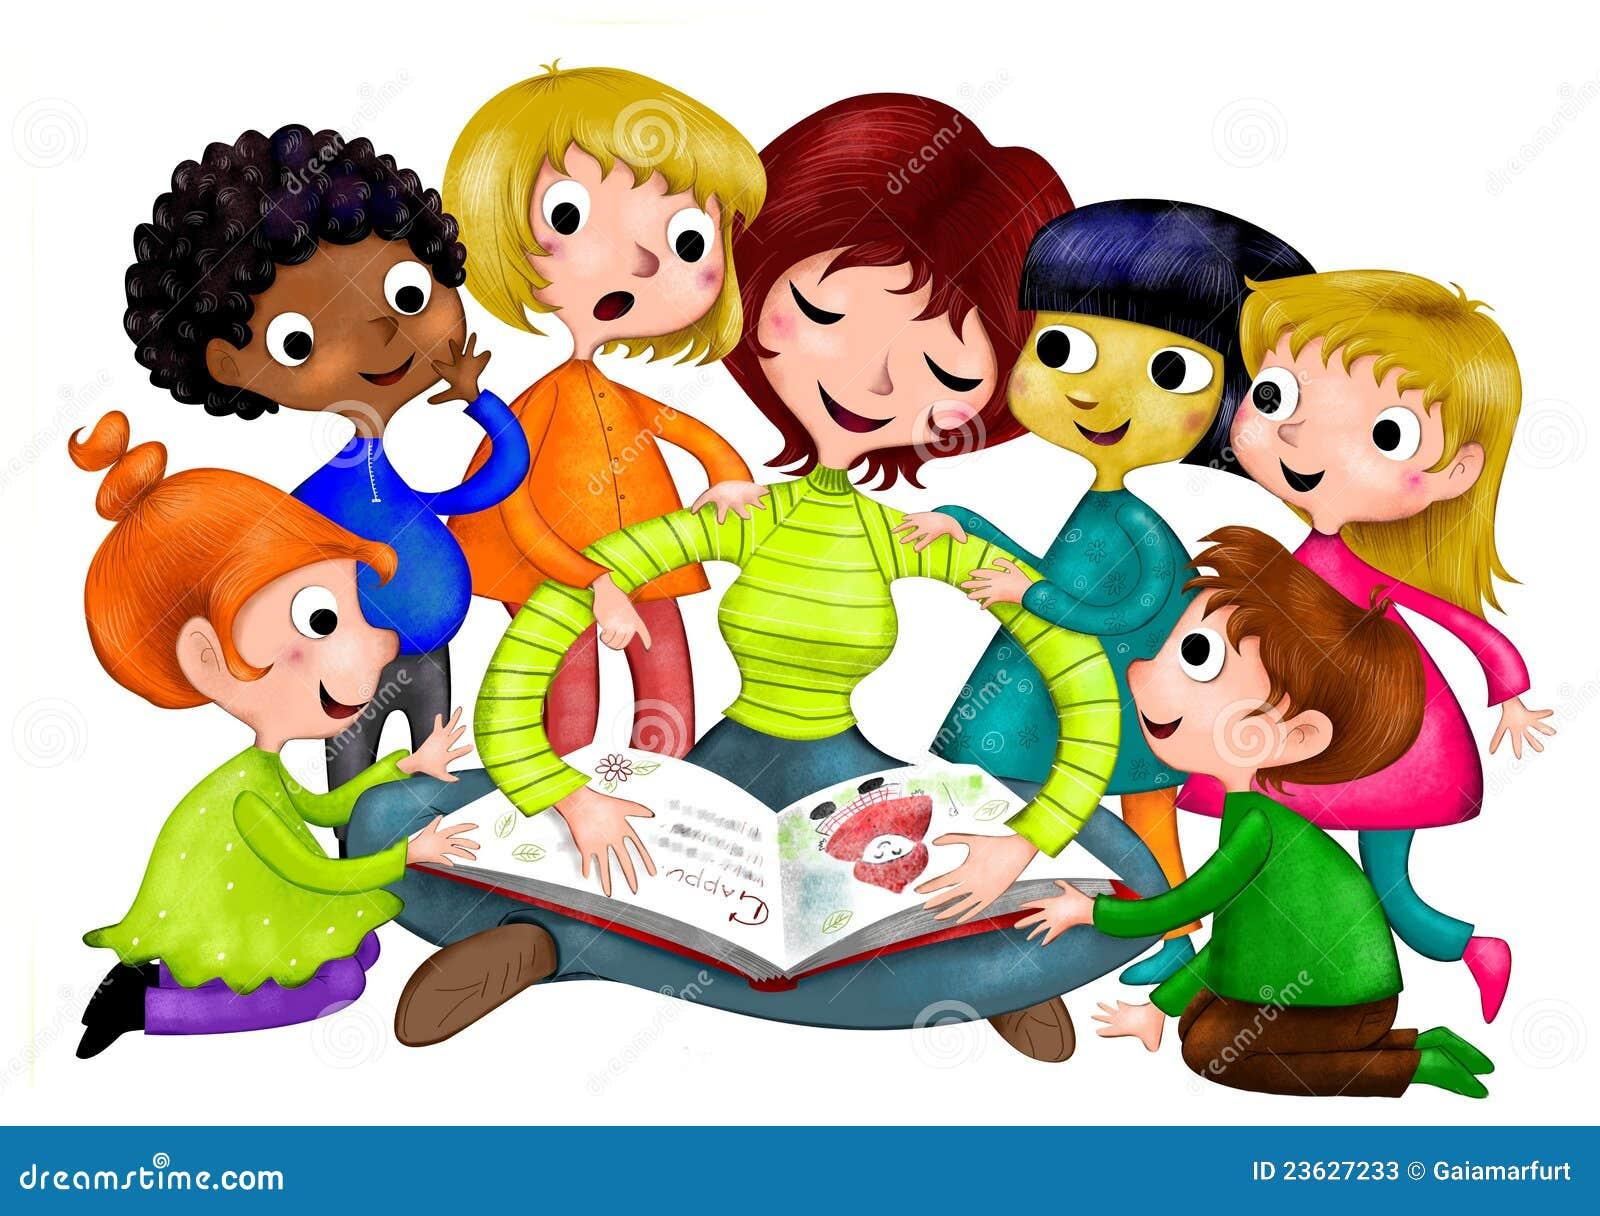 Nursery School stock illustration. Illustration of sitting ...